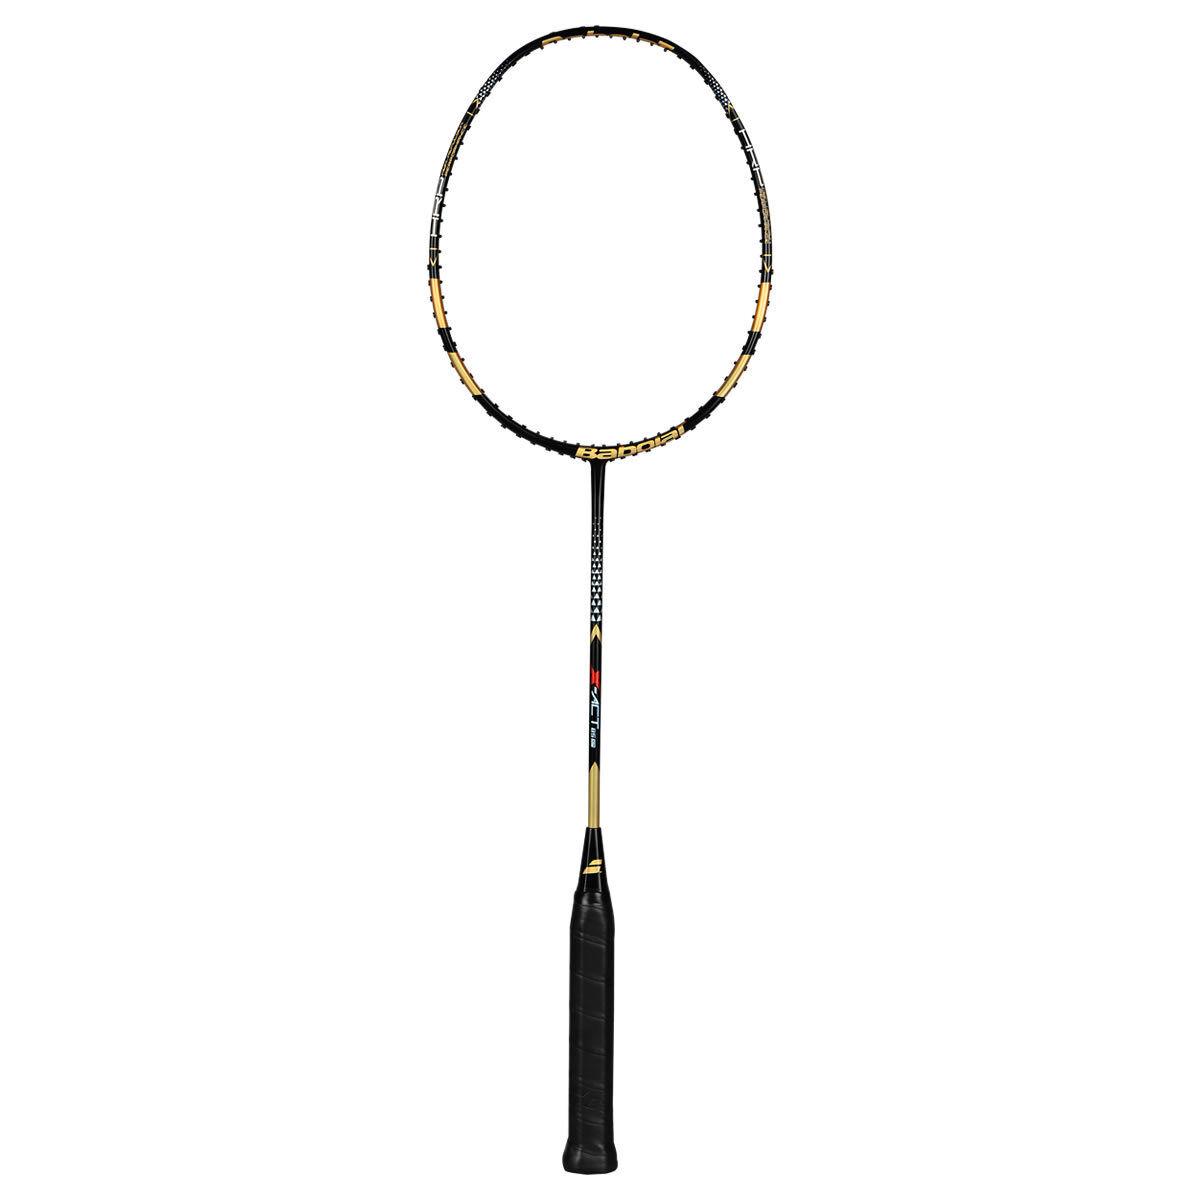 BABOLAT X-Act 85XP 85XP 85XP Badmintonschläger mit Besaitung, Thermohülle -NEU- 94b247